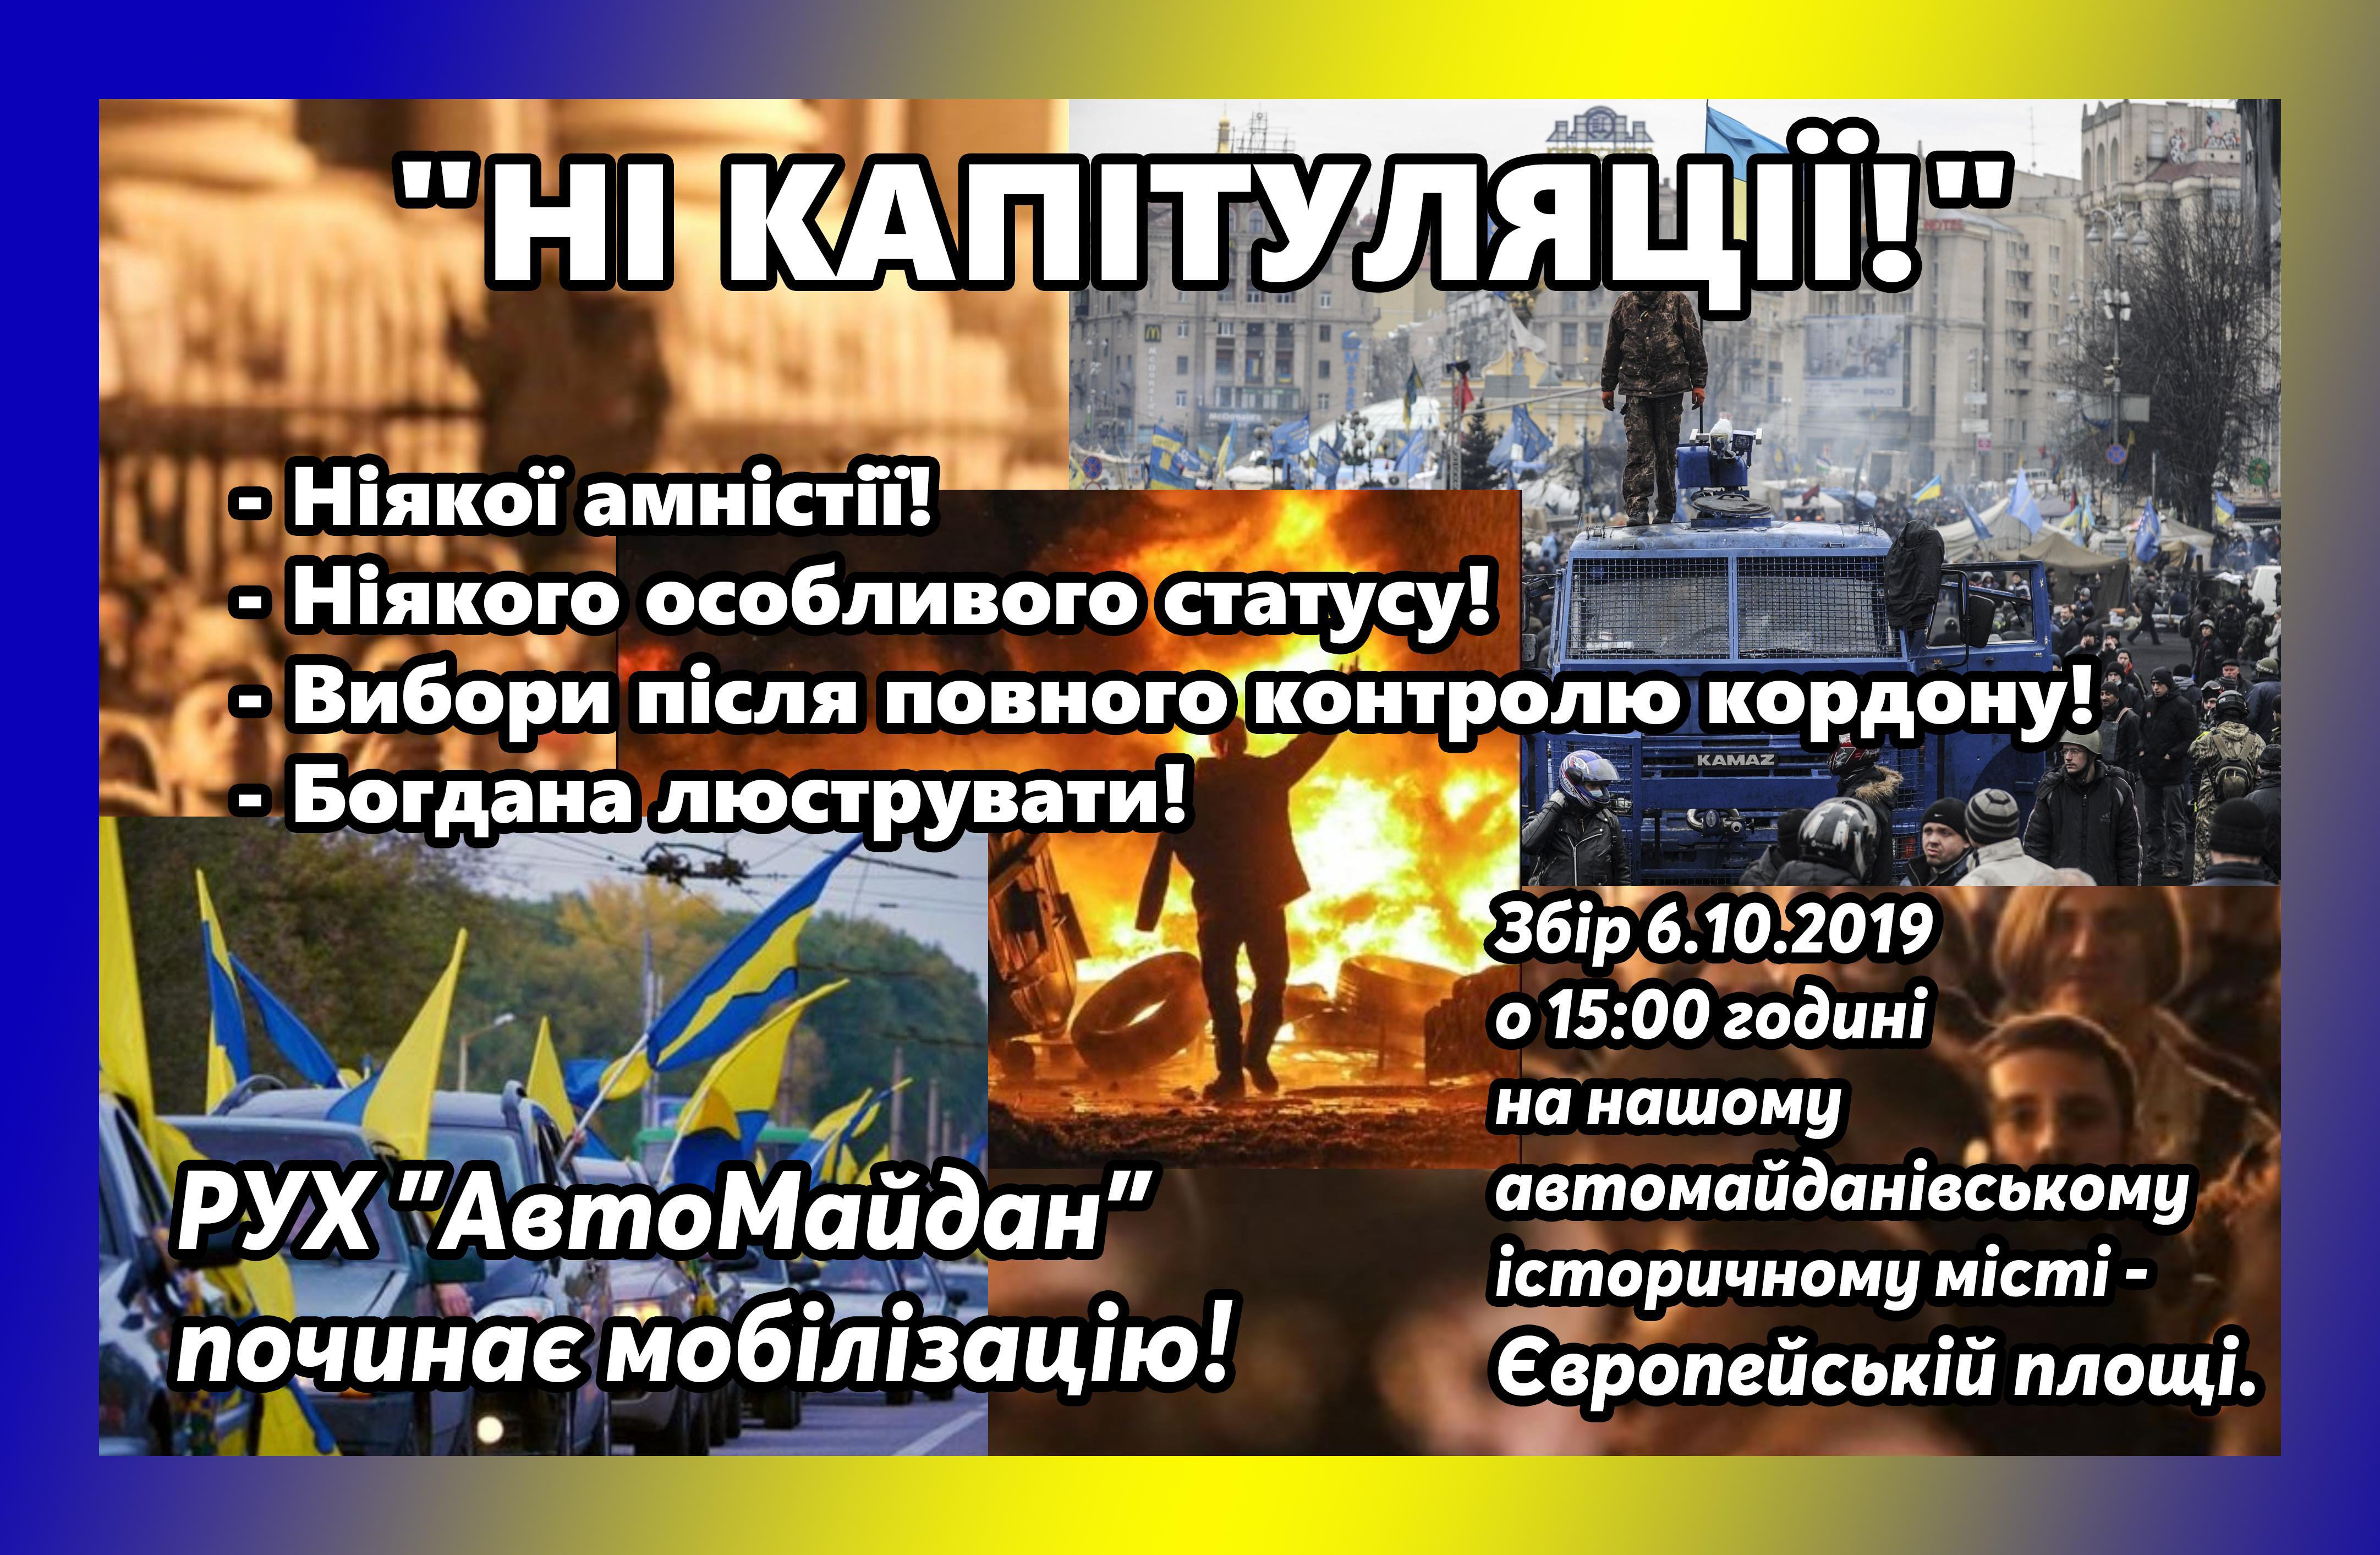 В неділю біля будинку Зеленського горітимуть покришки — Автомайдан